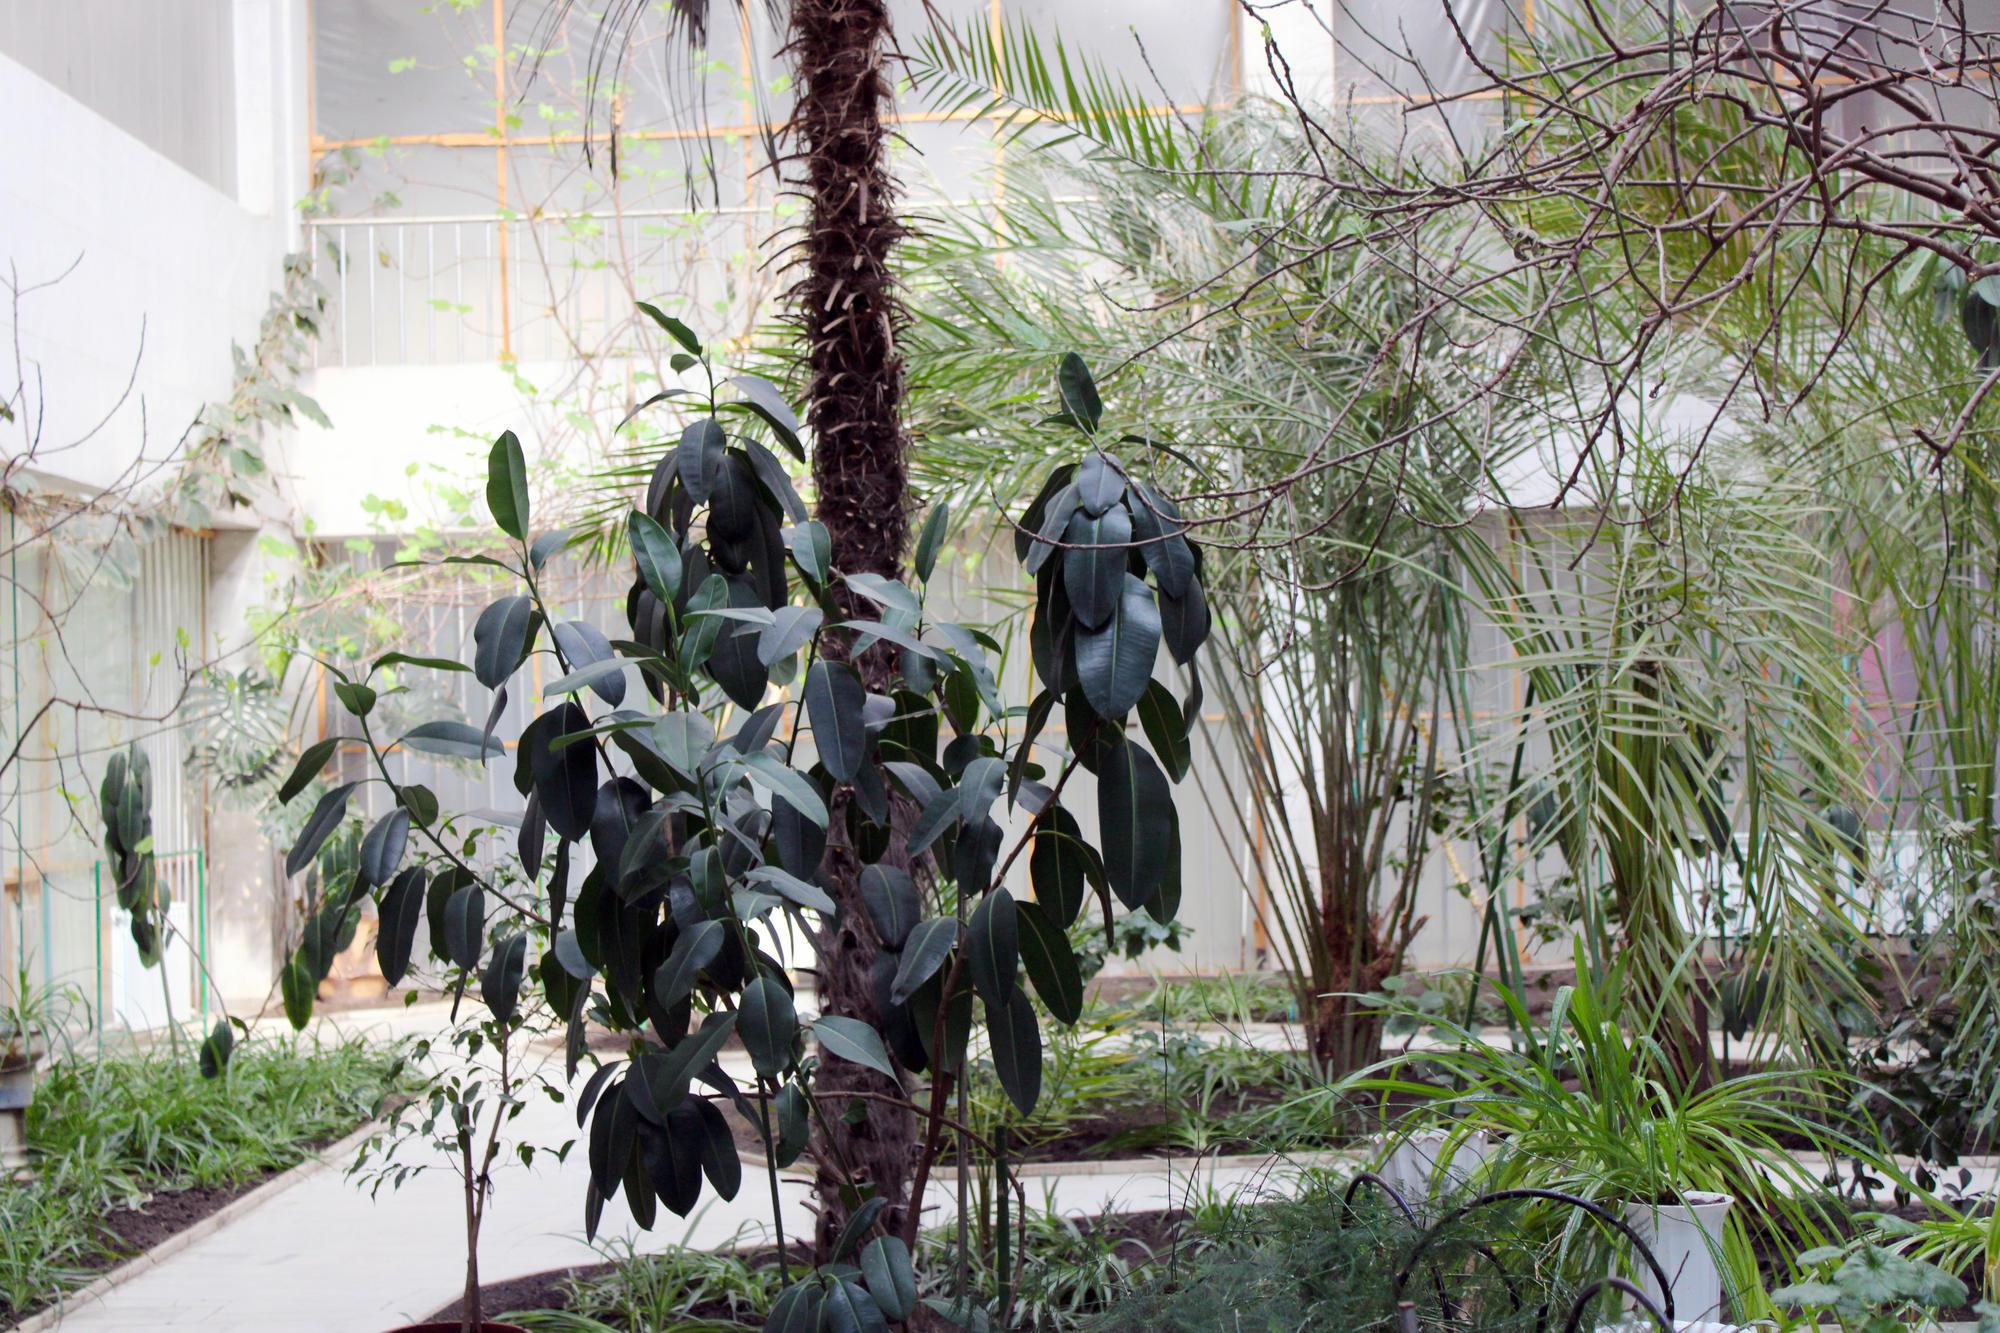 У Торецьку є зимовий сад, де ростуть екзотичні рослини